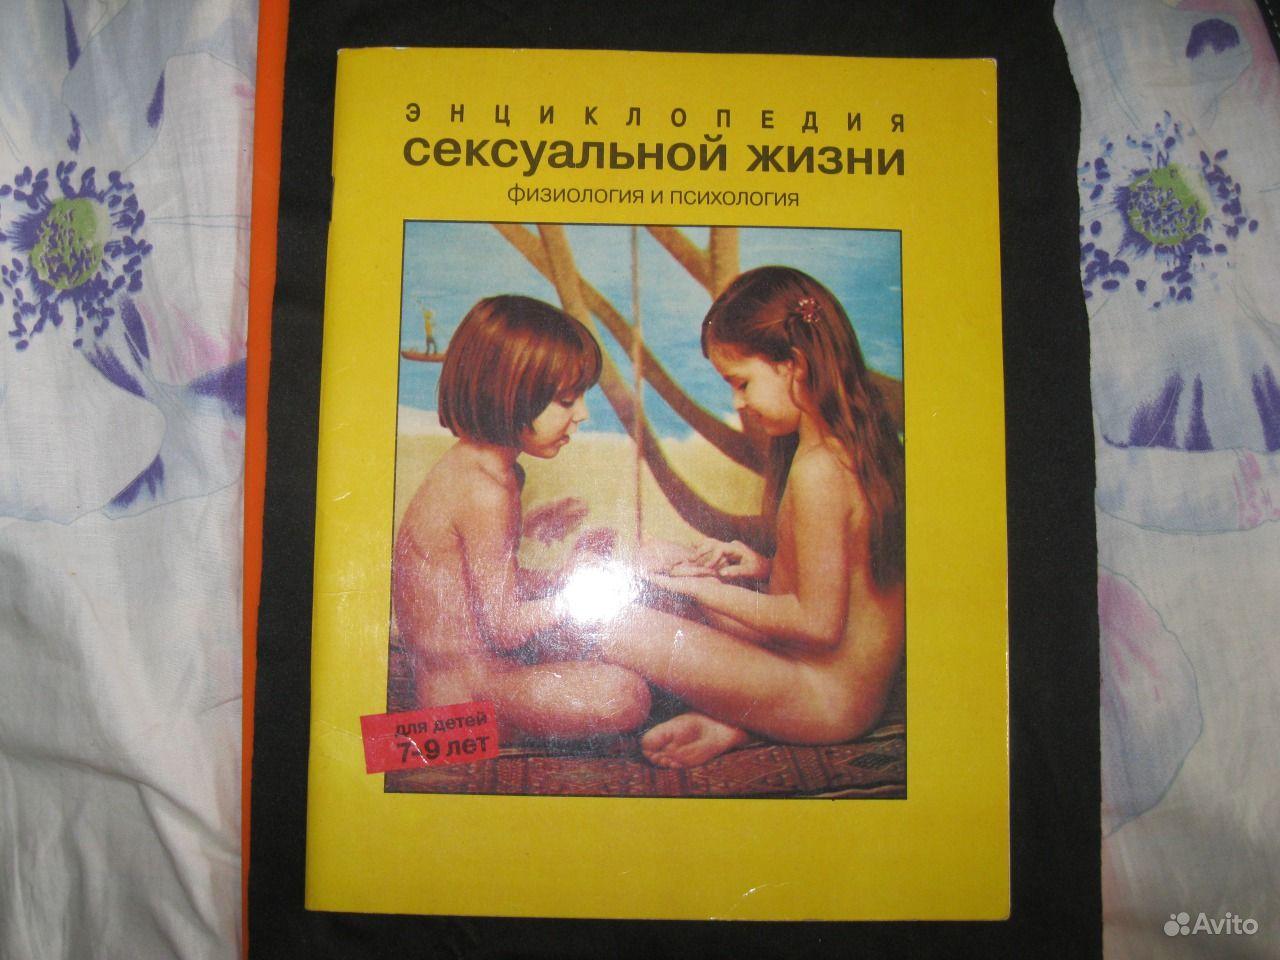 entsiklopediya-seksualnoy-zhizni-skachat